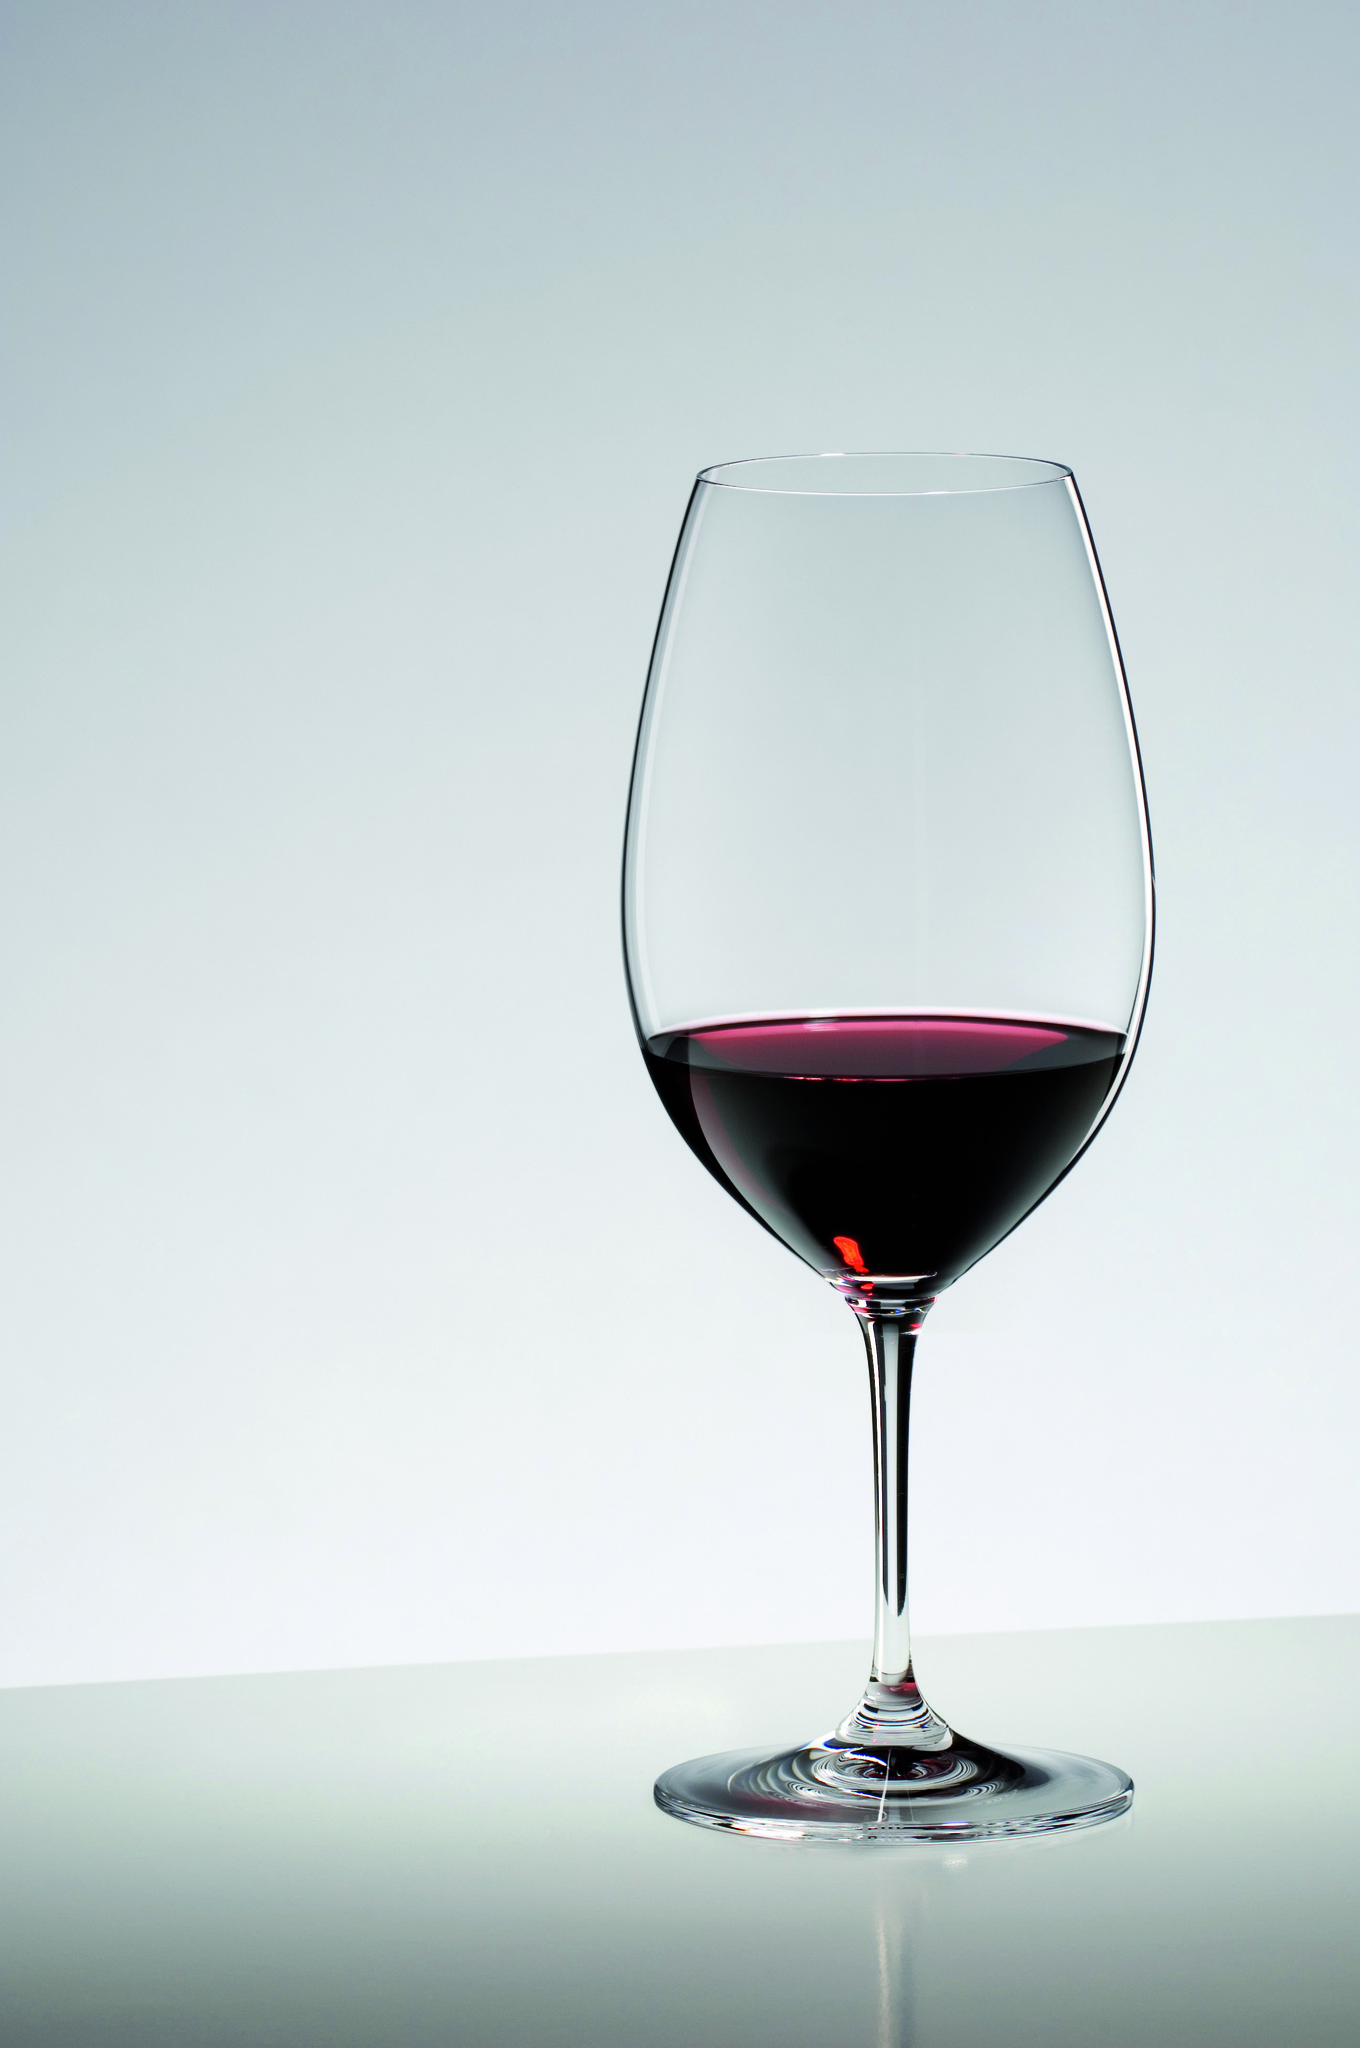 Бокалы Набор бокалов для красного вина 2шт 650мл Riedel Vinum Shiraz/Syrah nabor-bokalov-dlya-krasnogo-vina-2-sht-650-ml-riedel-vium-shirazsyrah-avstriya.jpg